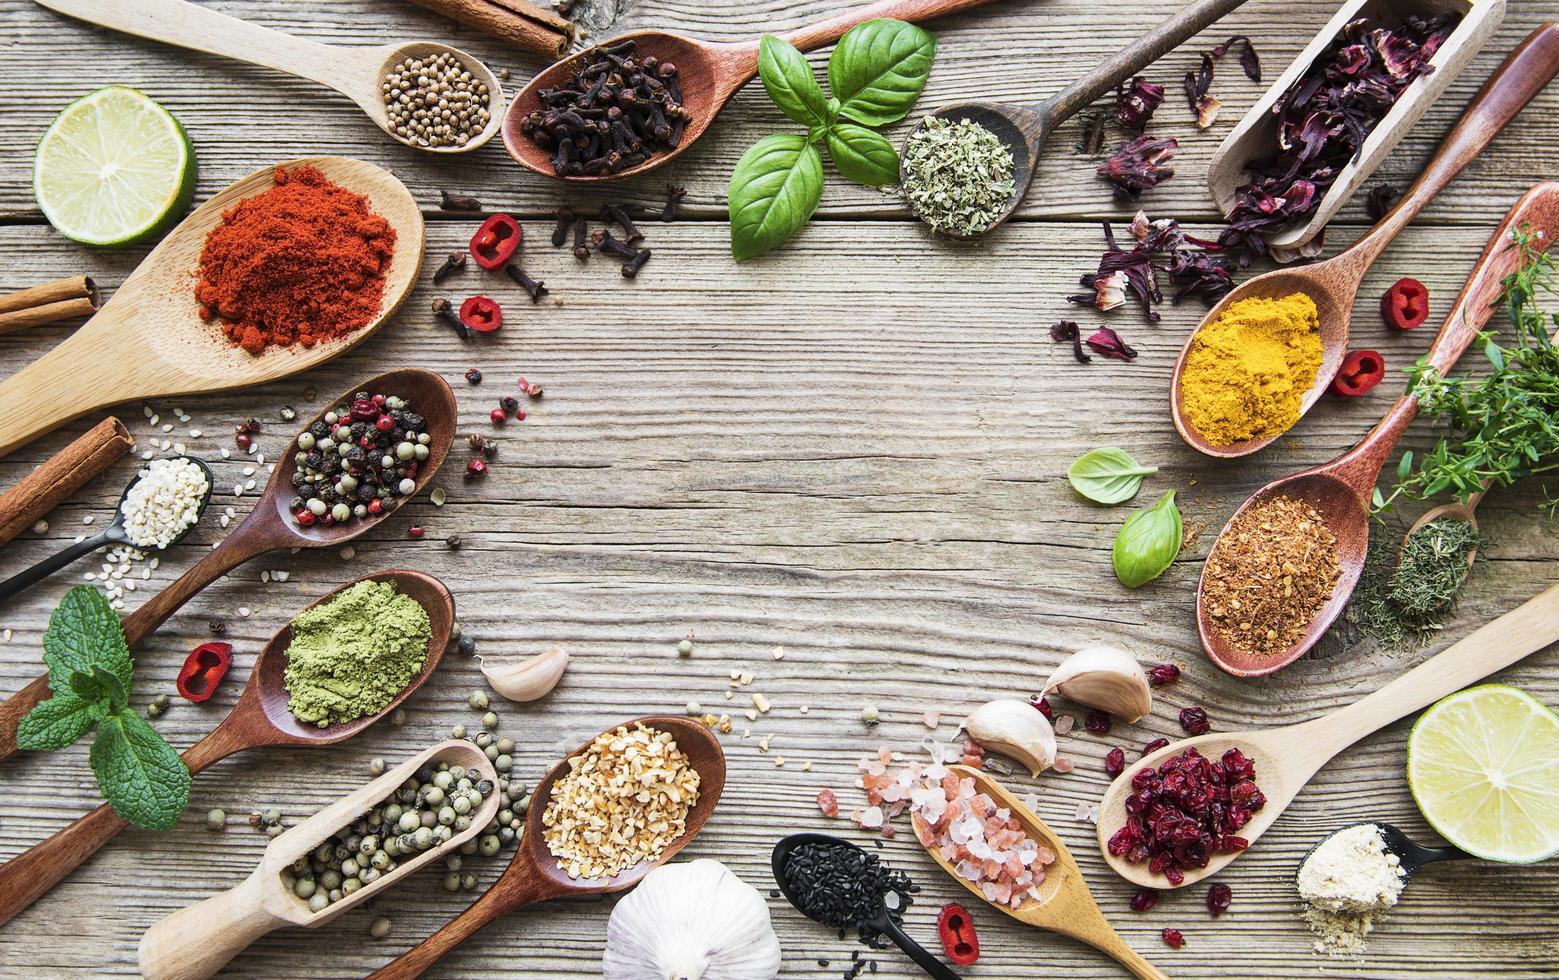 une sélection de diverses épices colorées sur une table en bois dans des cuillères photo